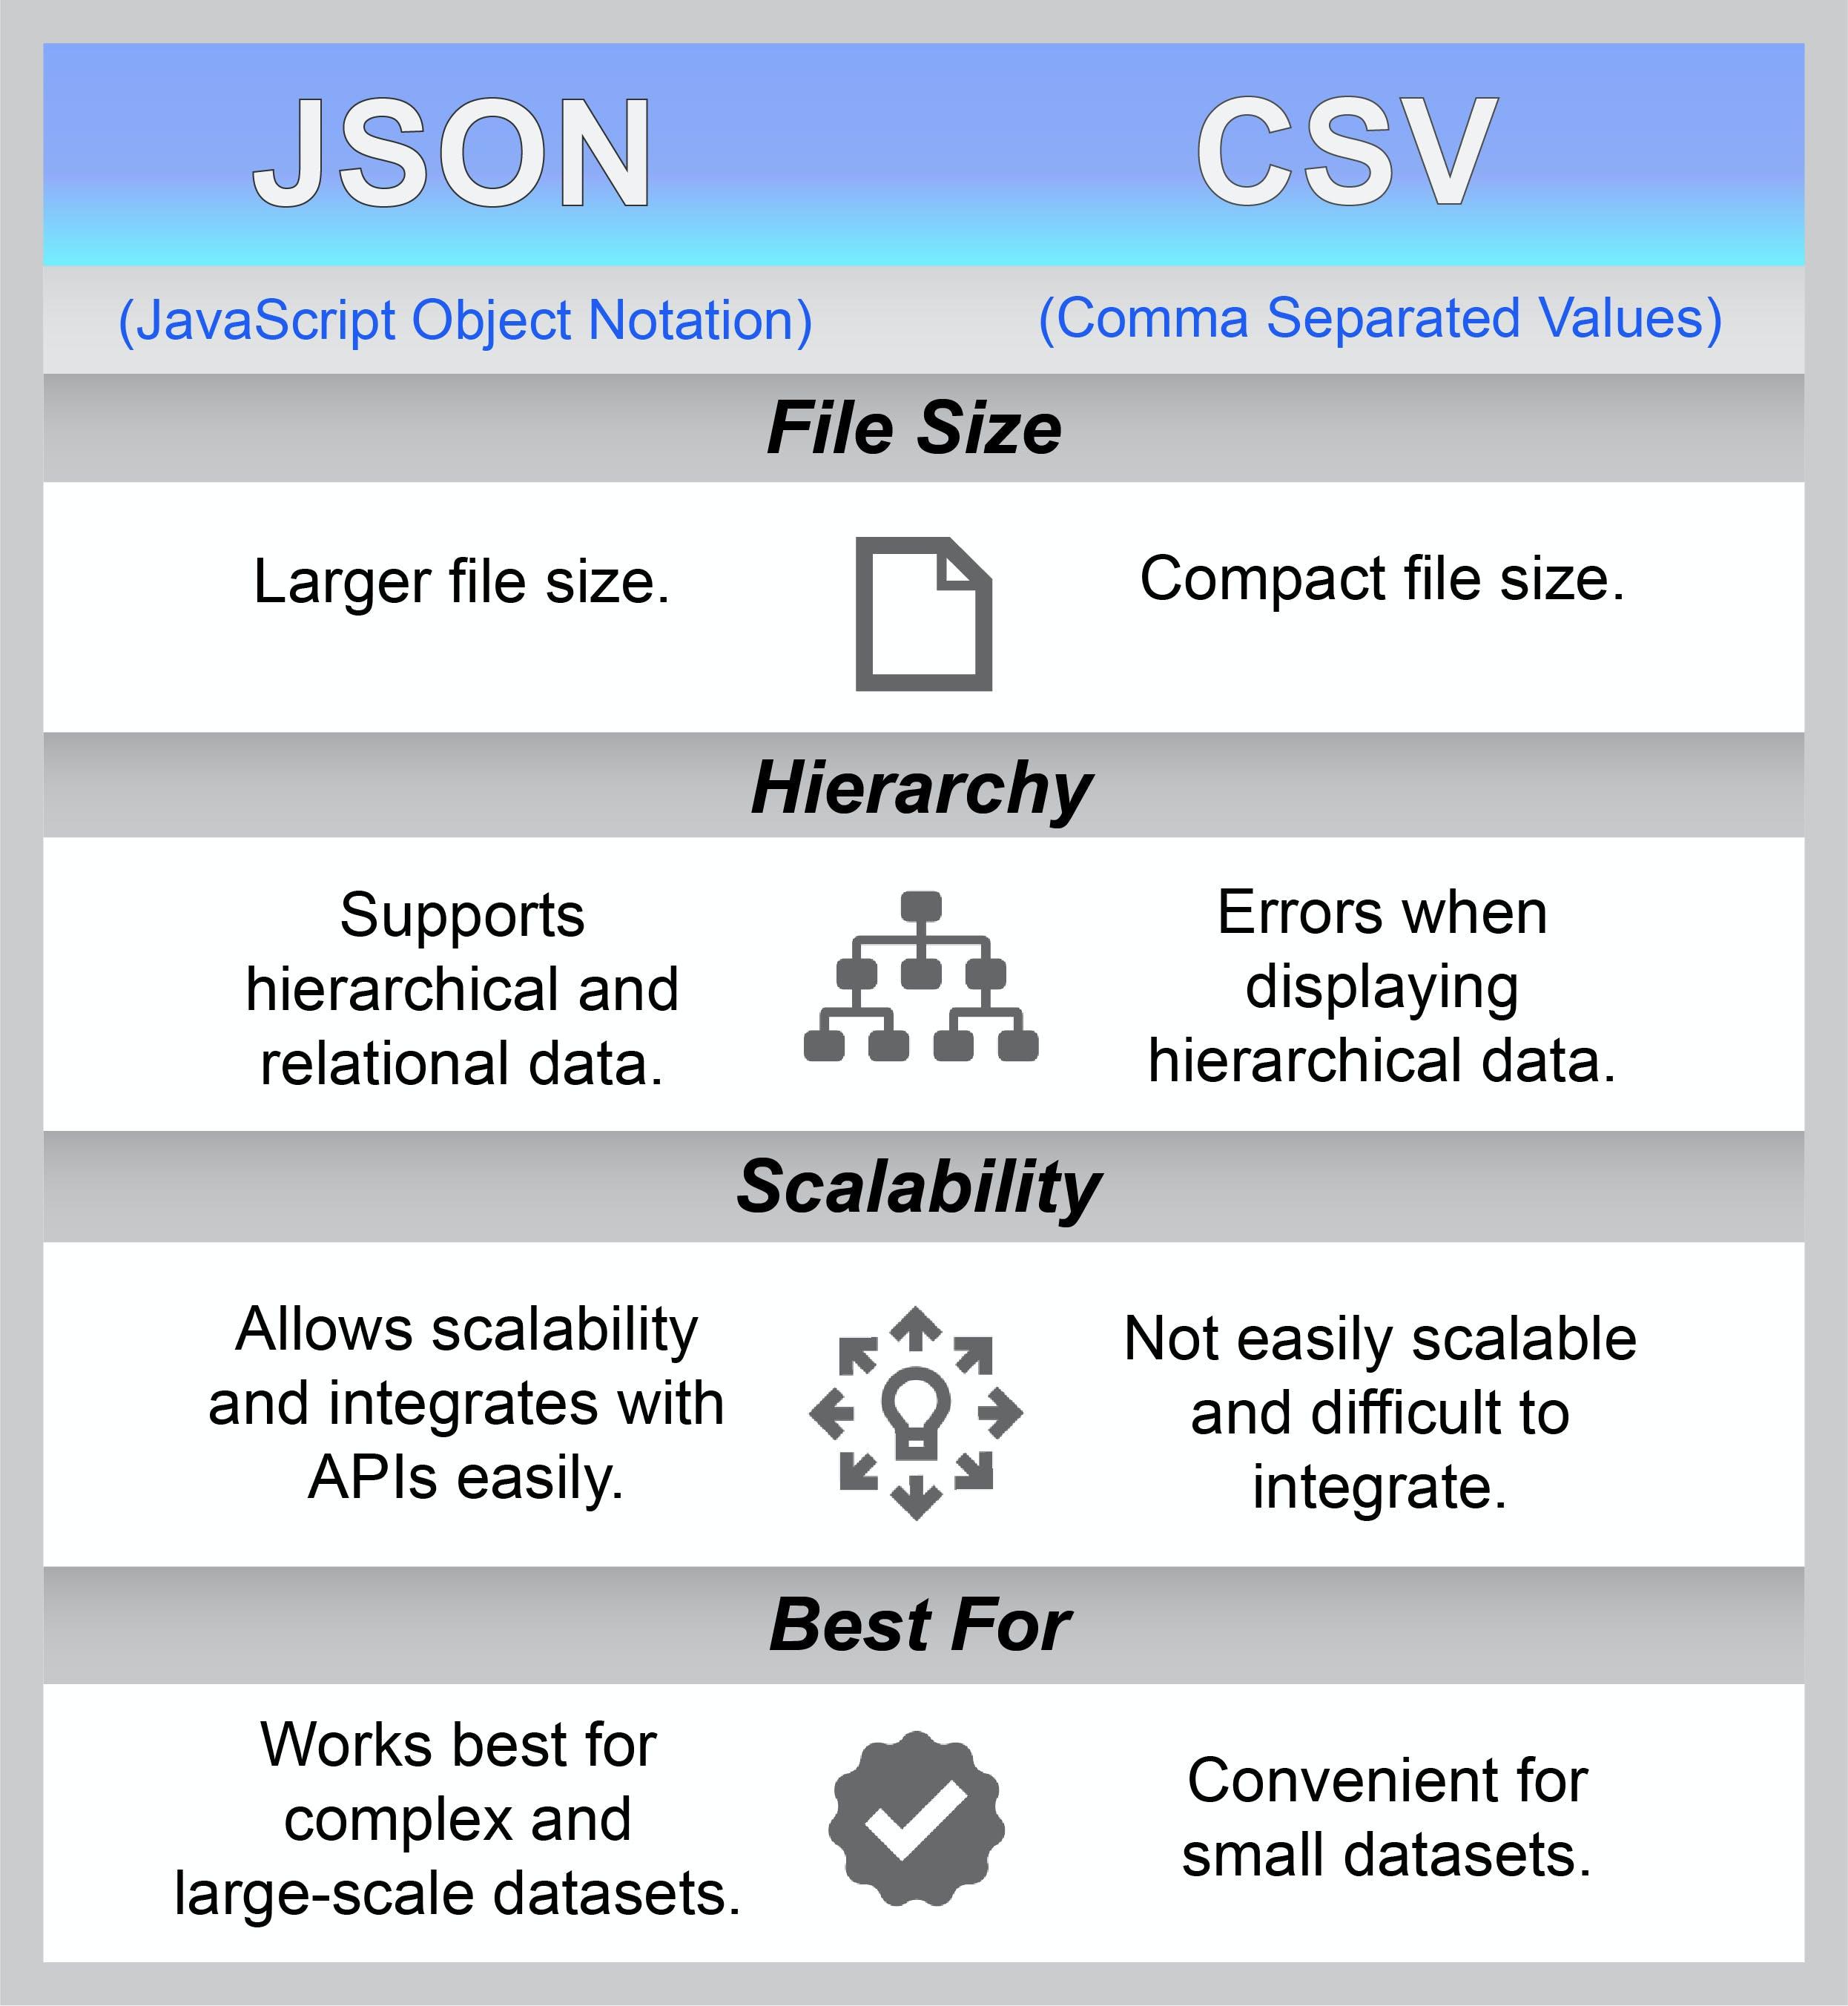 JSON versus CSV comparison chart